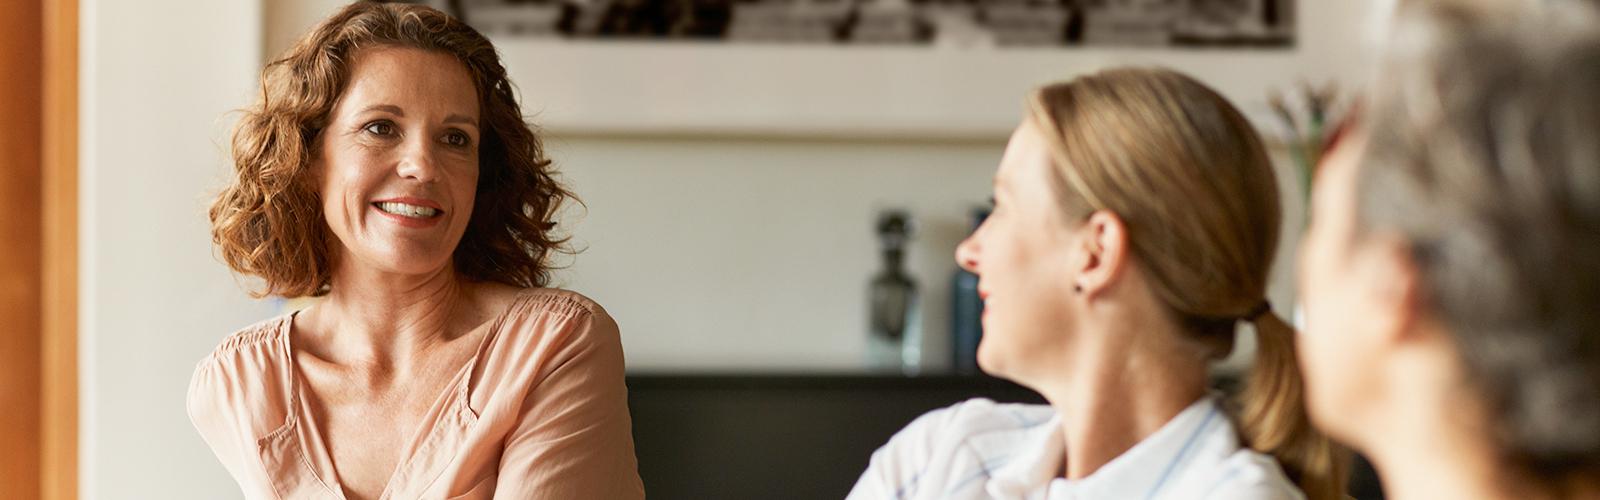 Три жінки зрілого віку сидять на дивані у вітальні, насолоджуючись розмовою